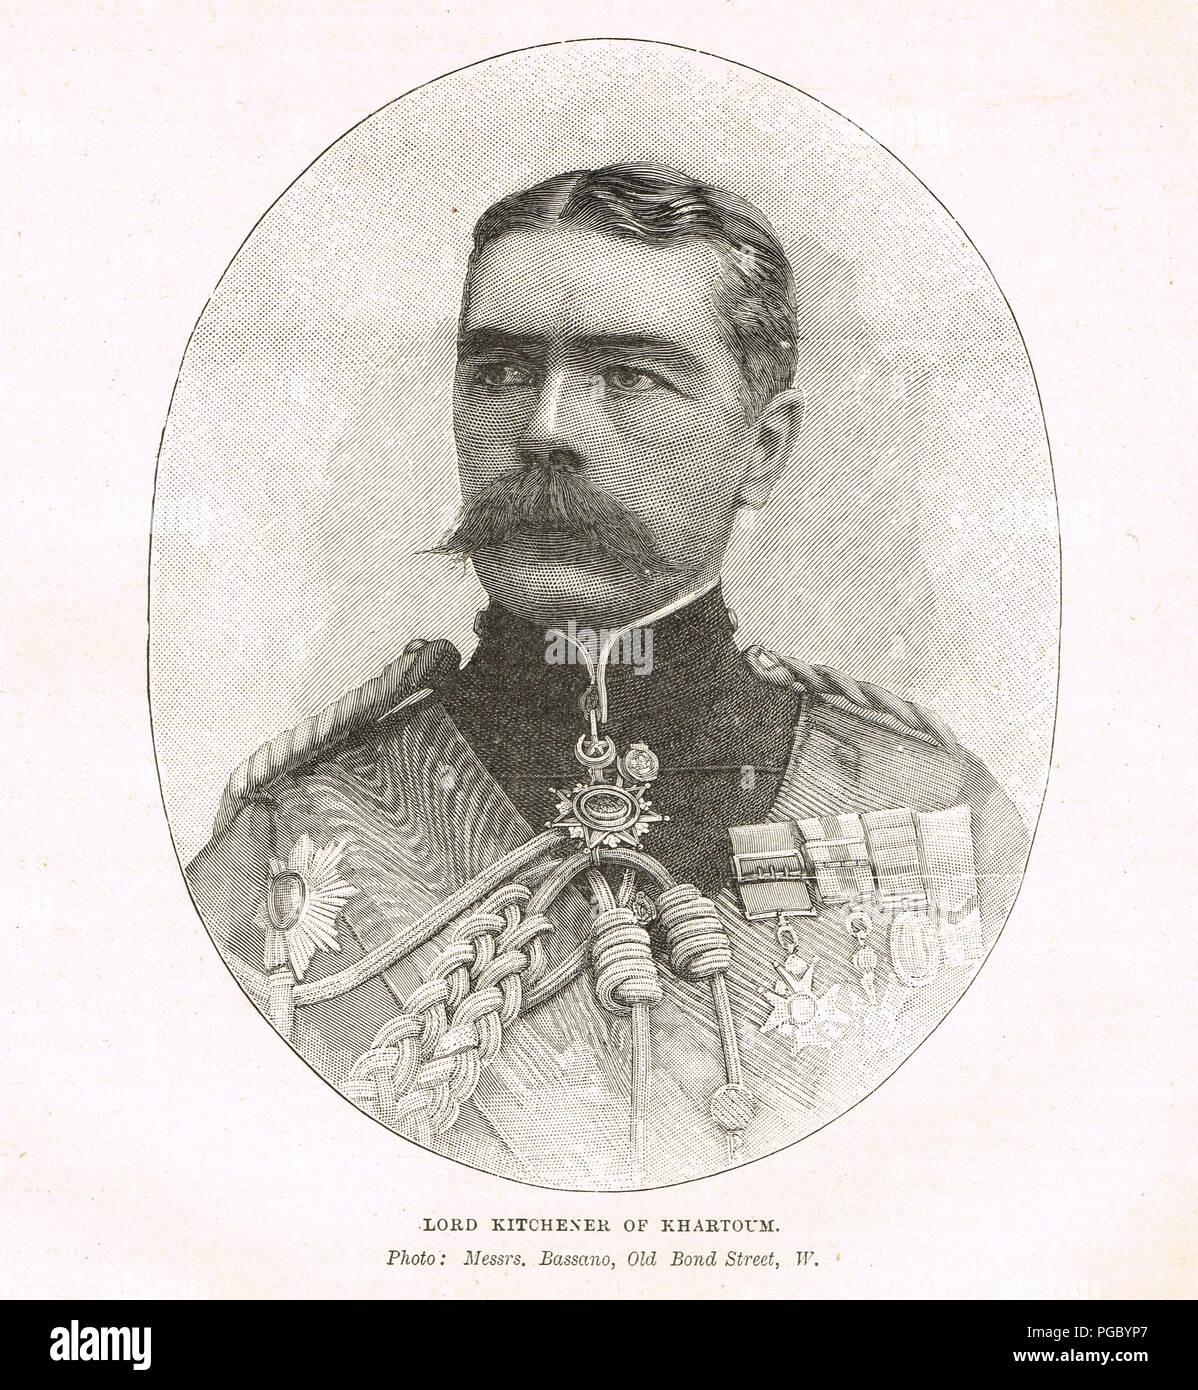 Field Marshal Horatio Herbert Kitchener, Lord Kitchener of Khartoum - Stock Image